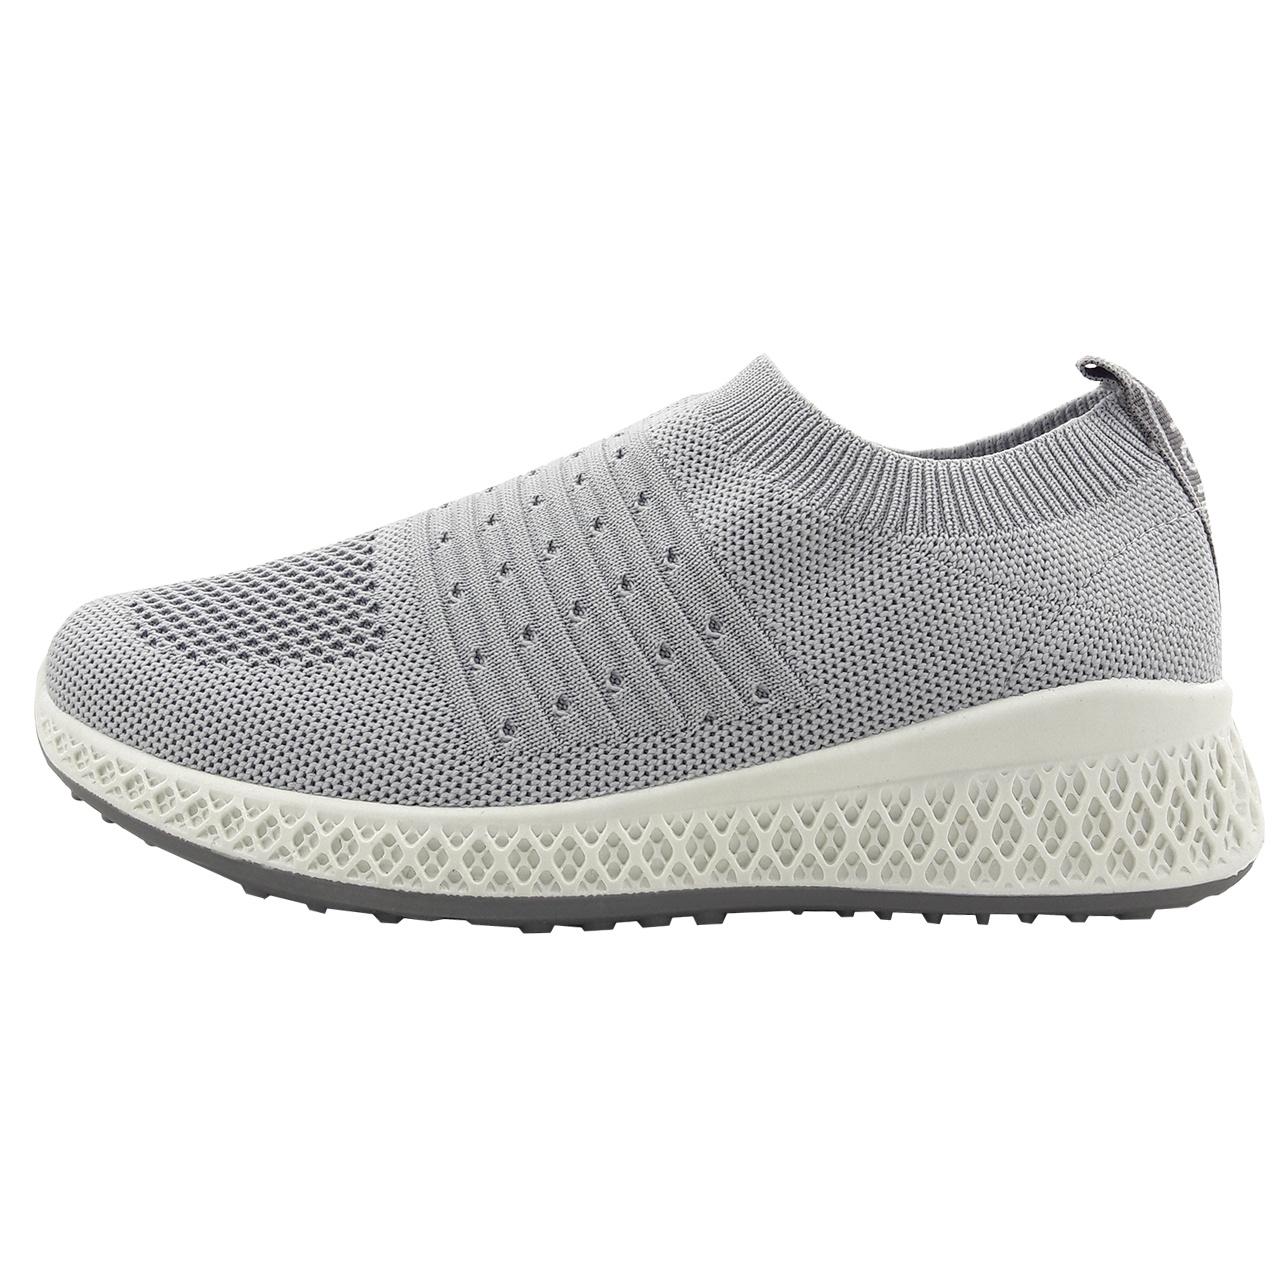 کفش راحتی زنانه مدل bft-light gry-01